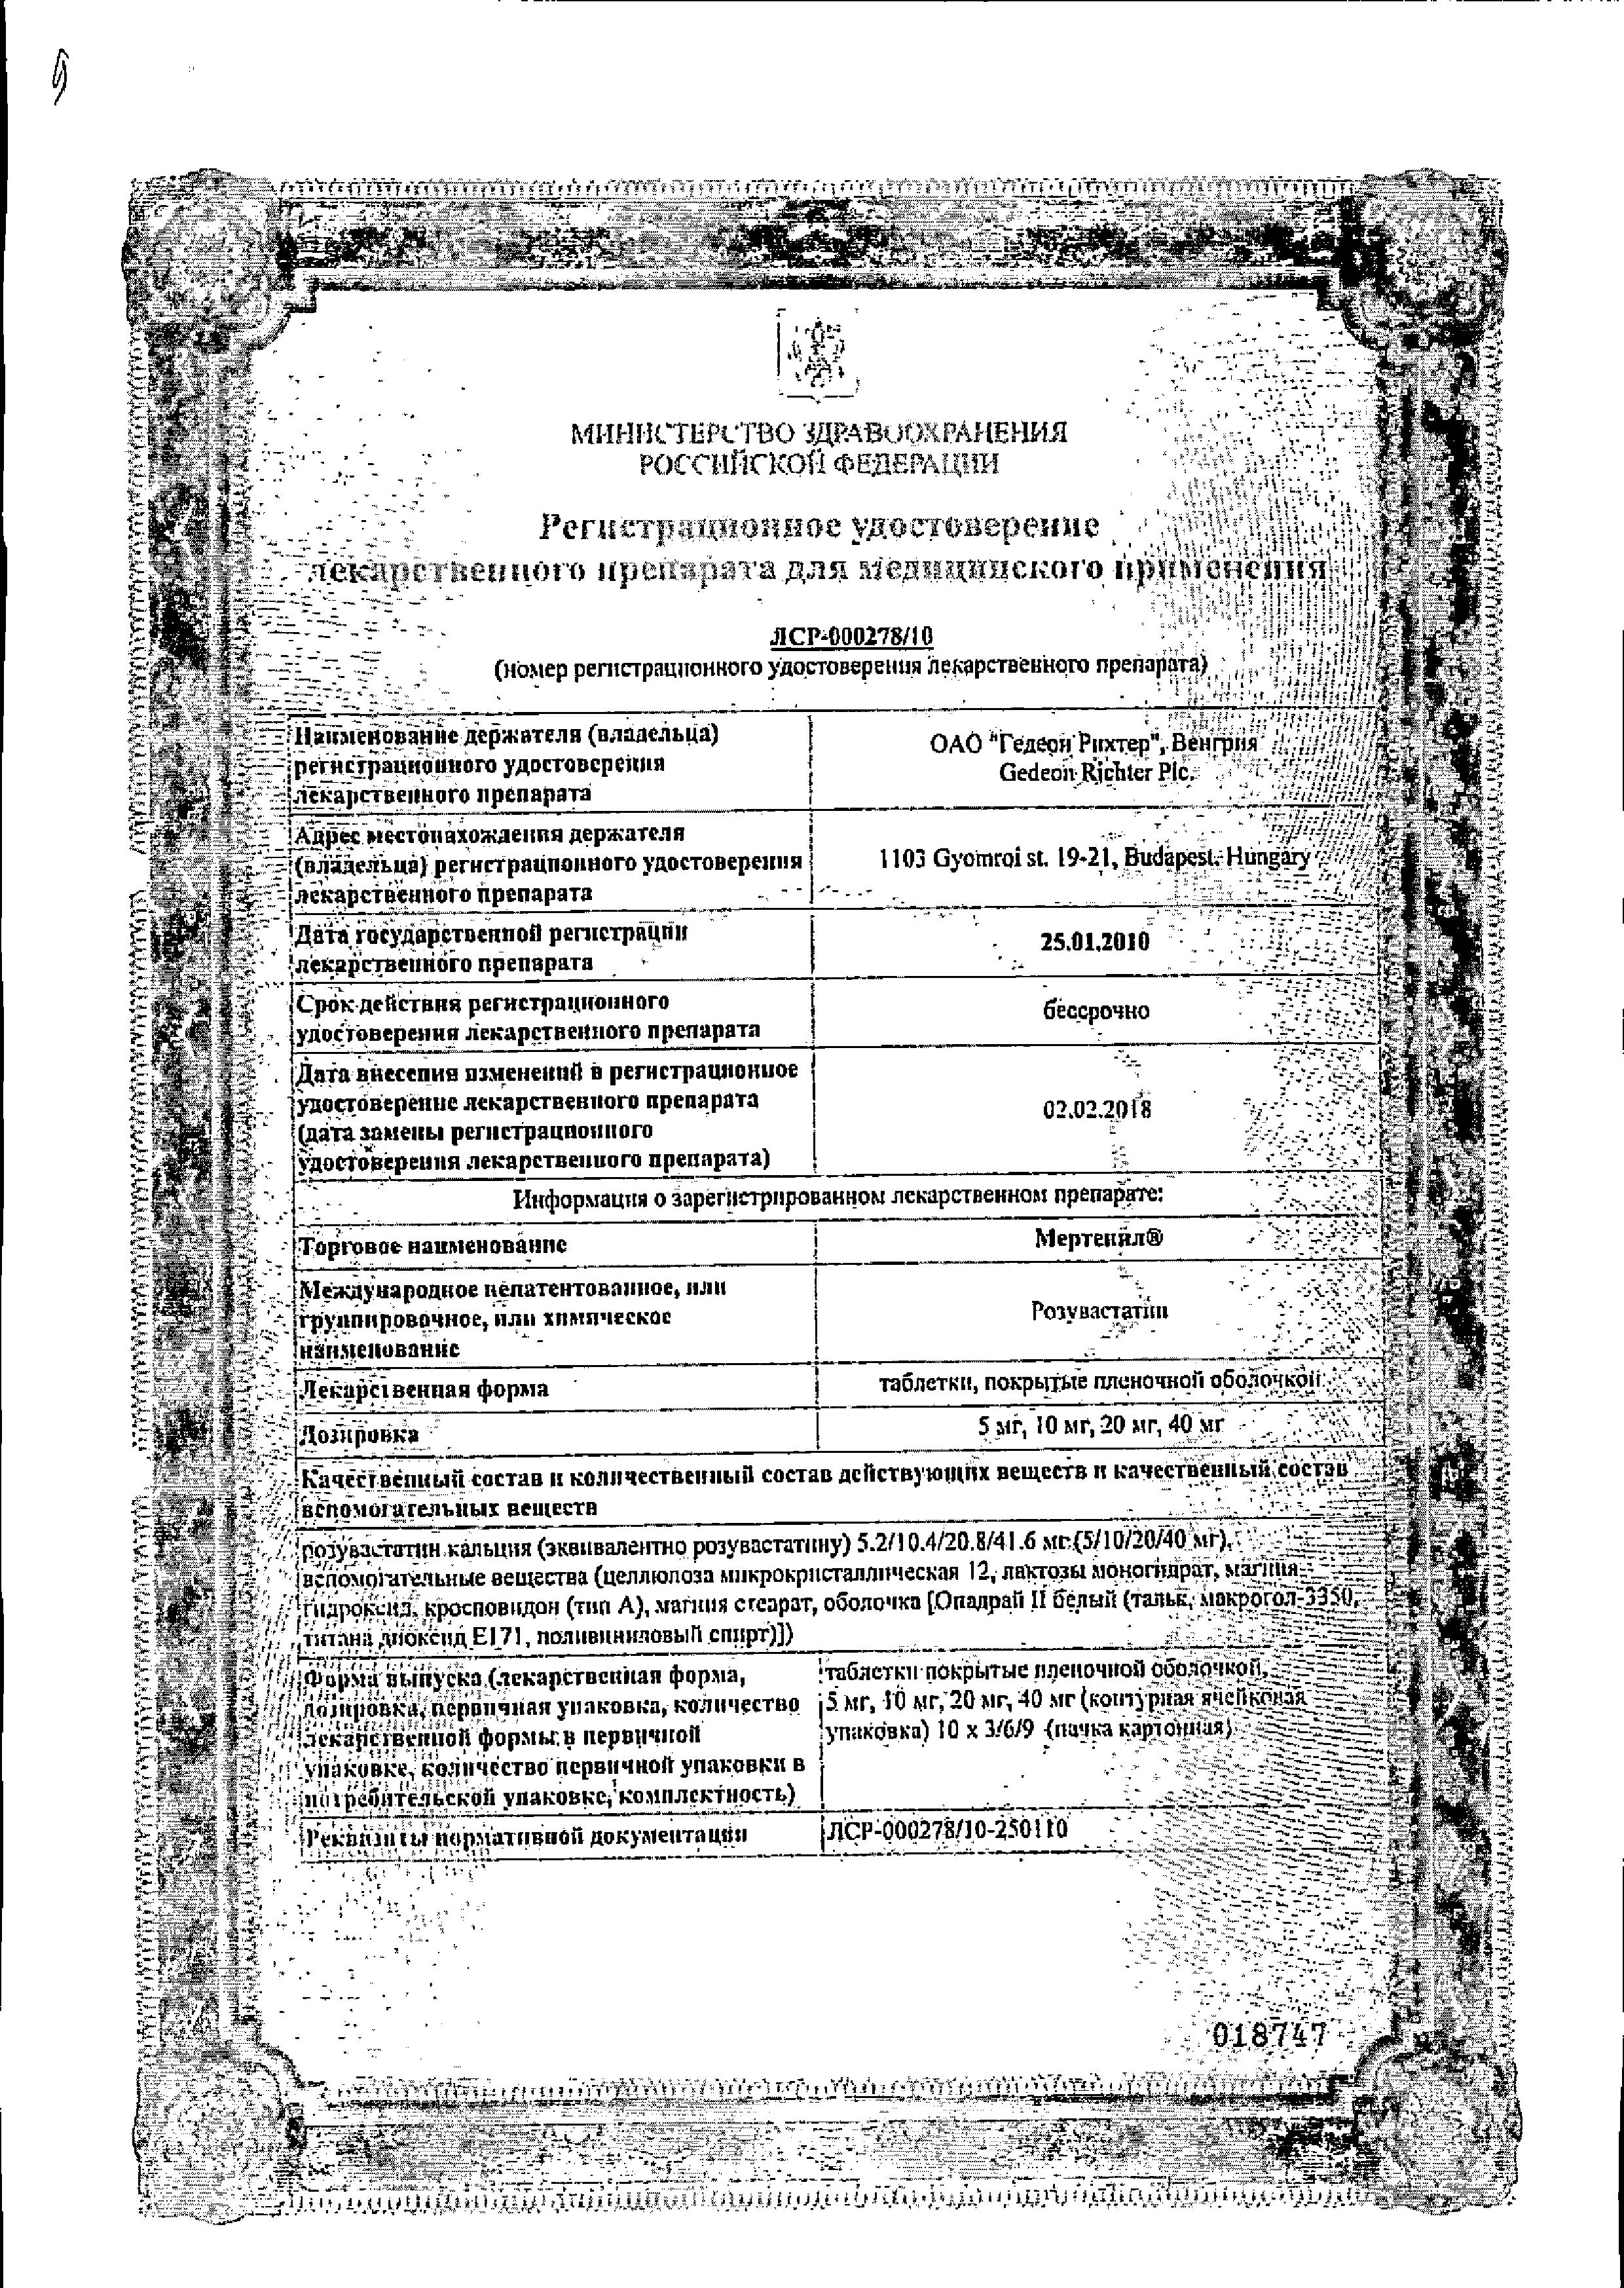 Мертенил сертификат